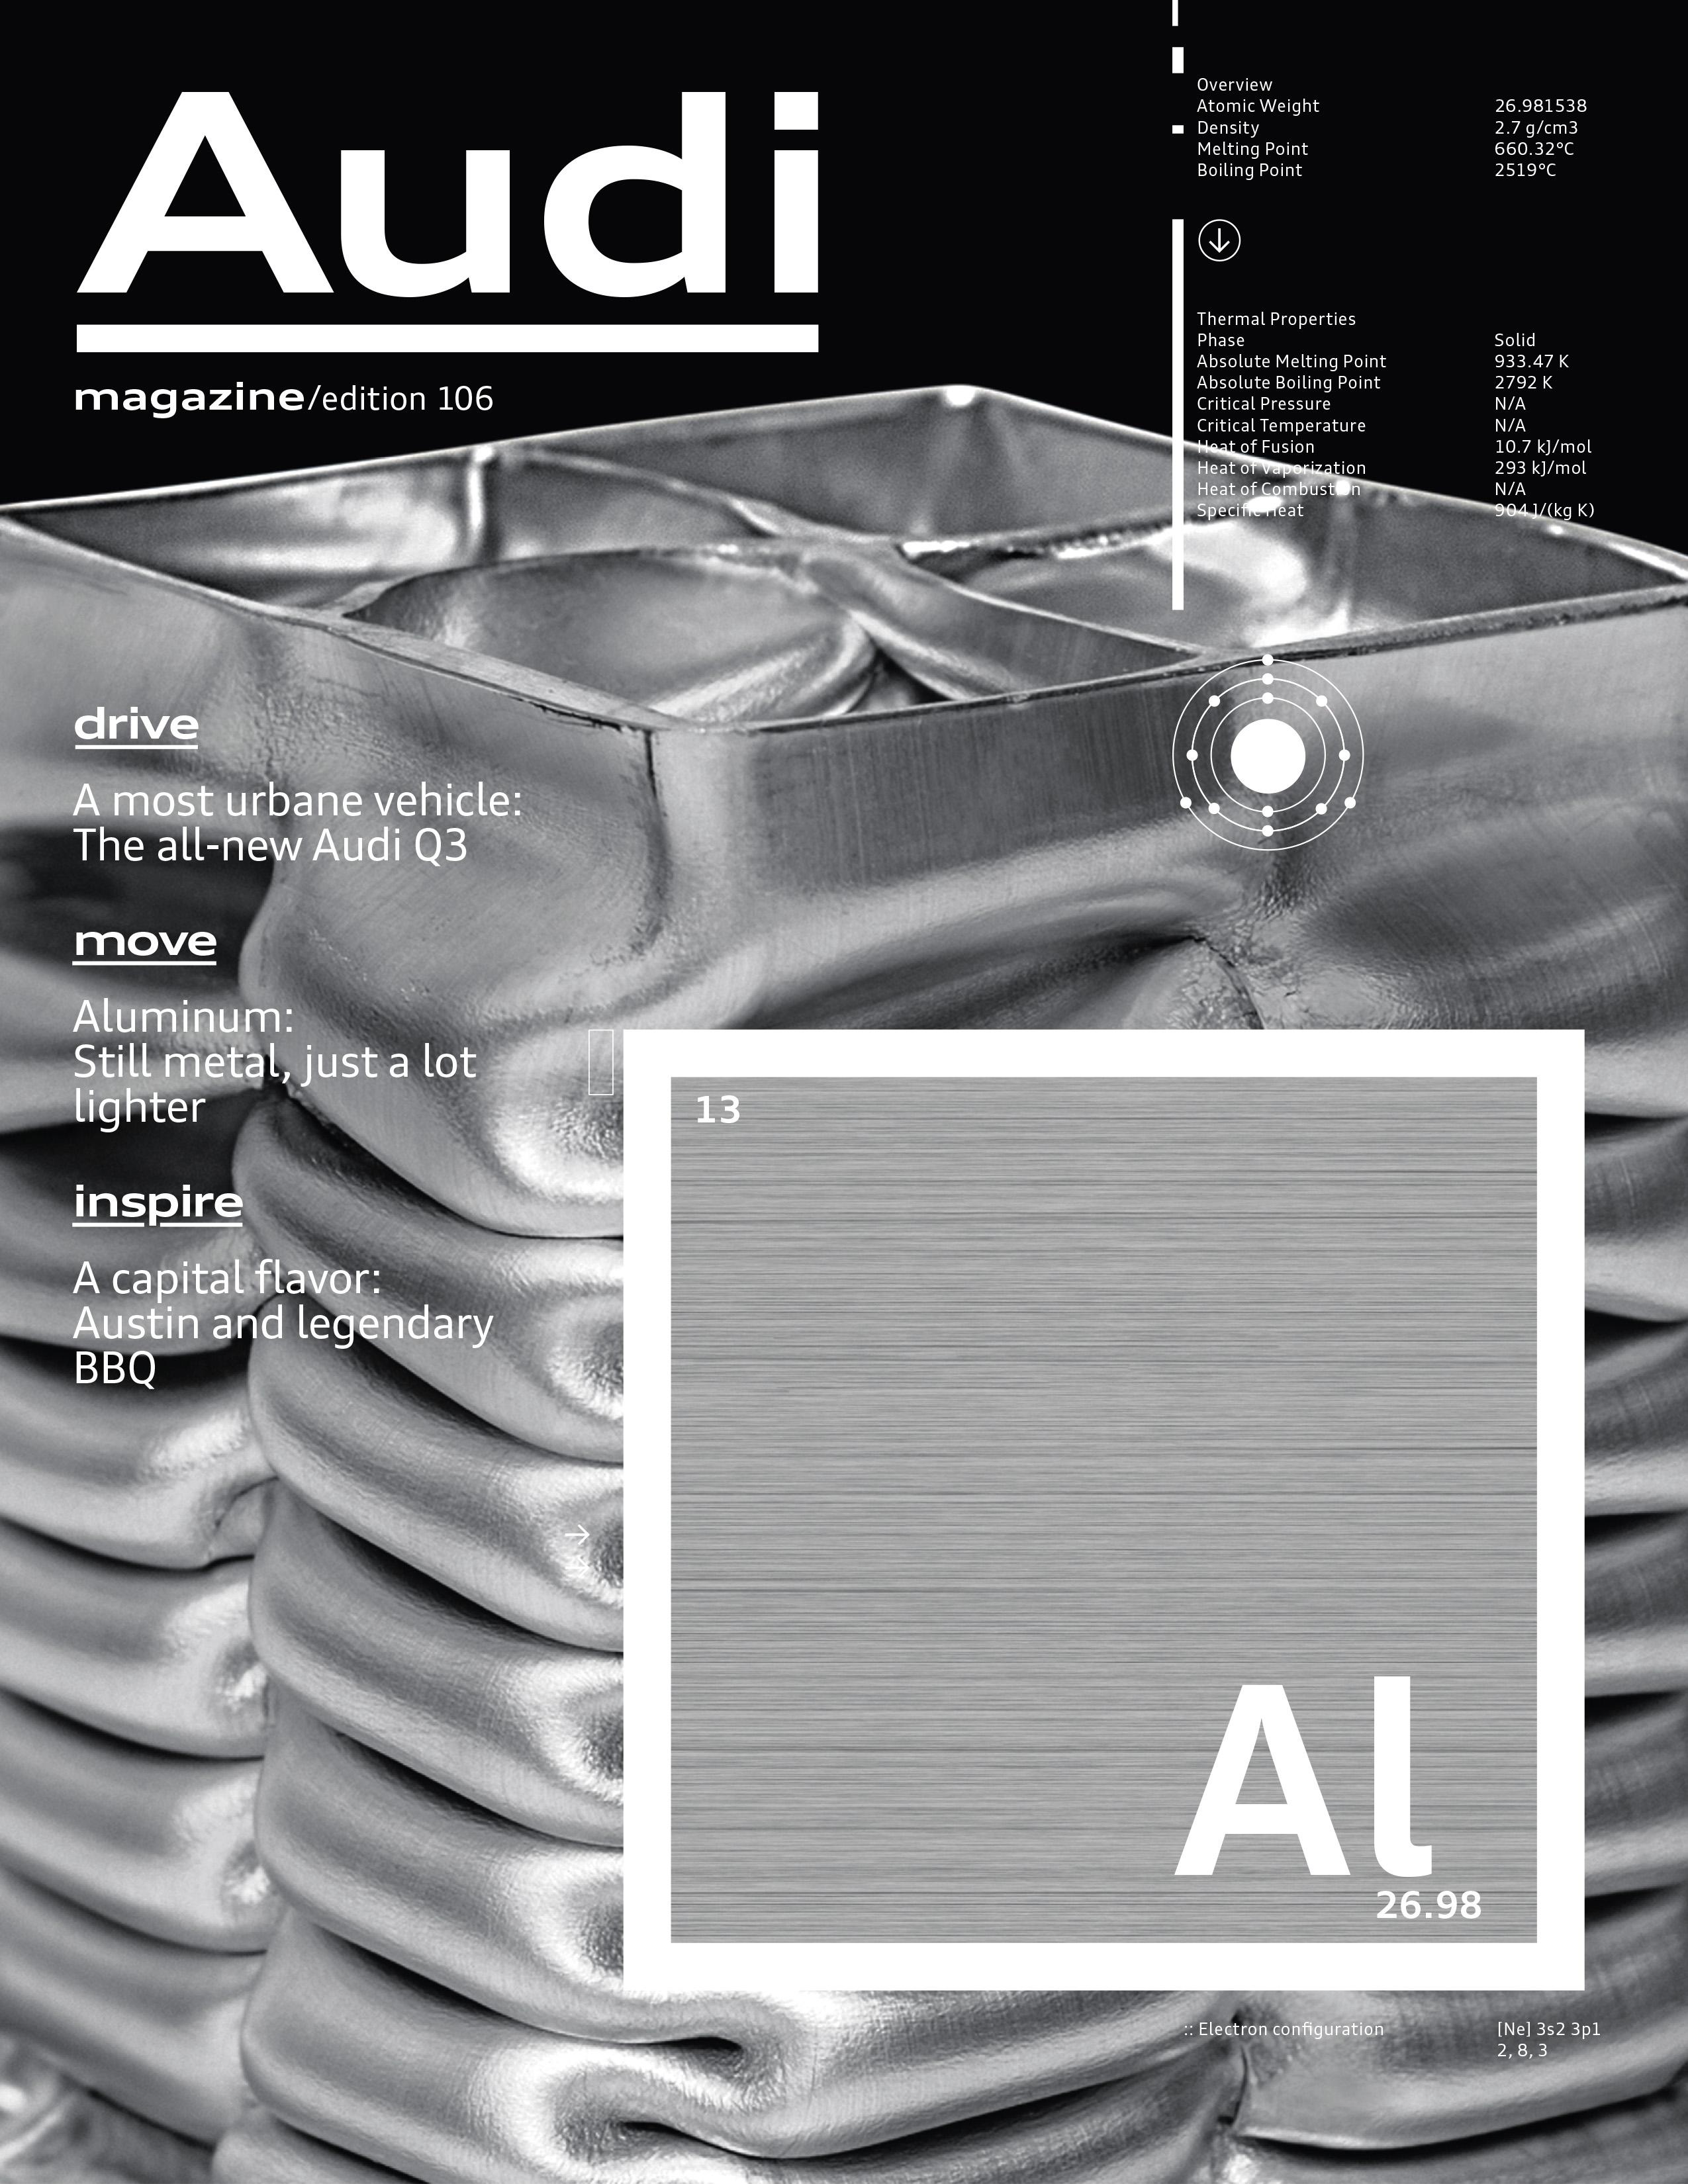 Audi Magazine 106 Graphis